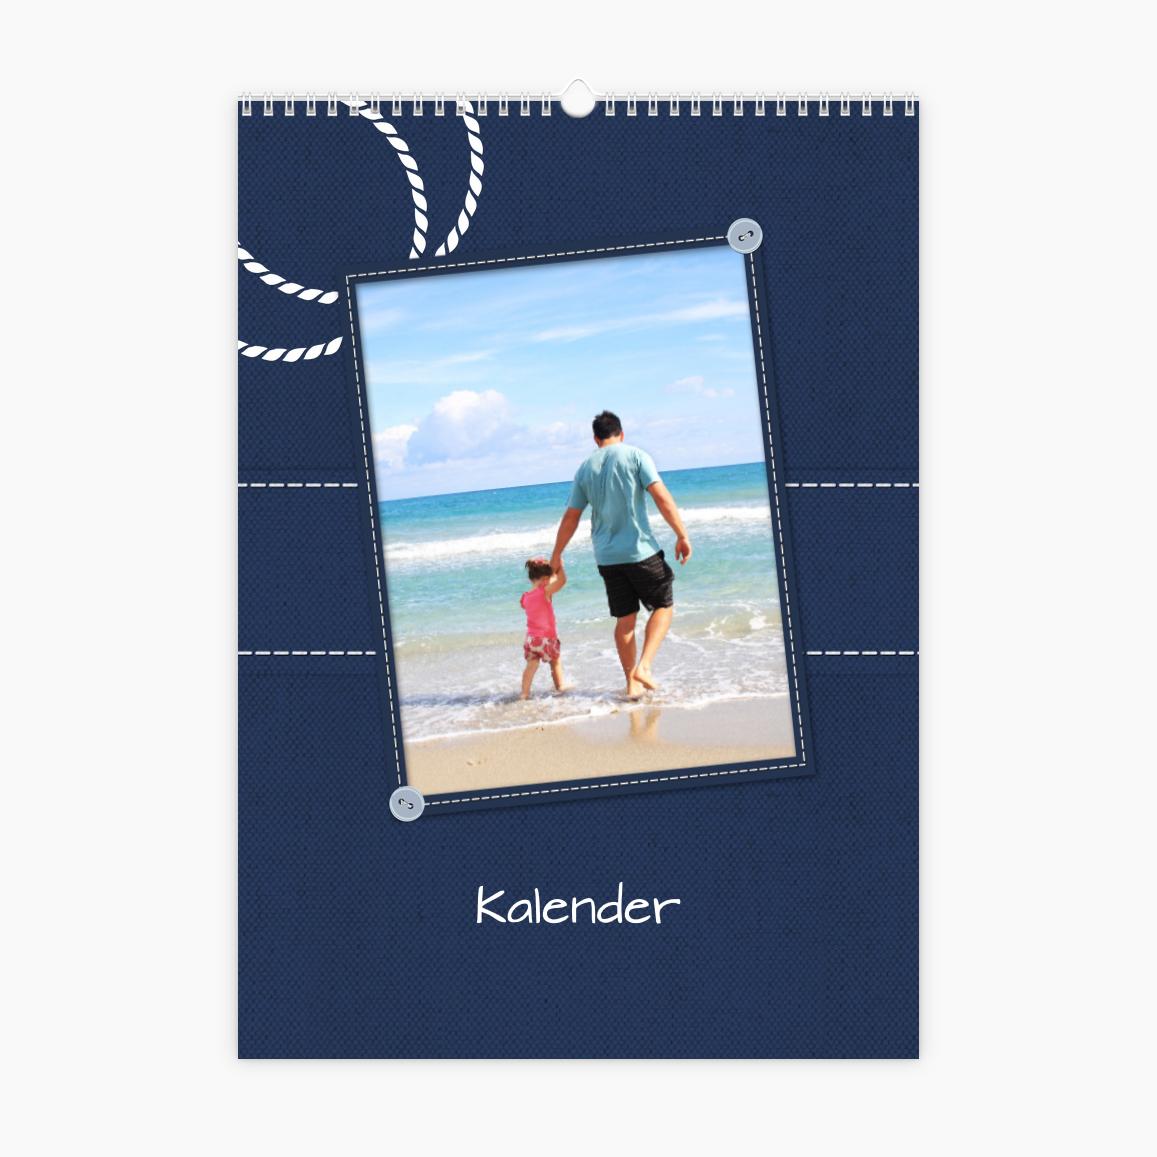 Fotokalender - Schiffsreise